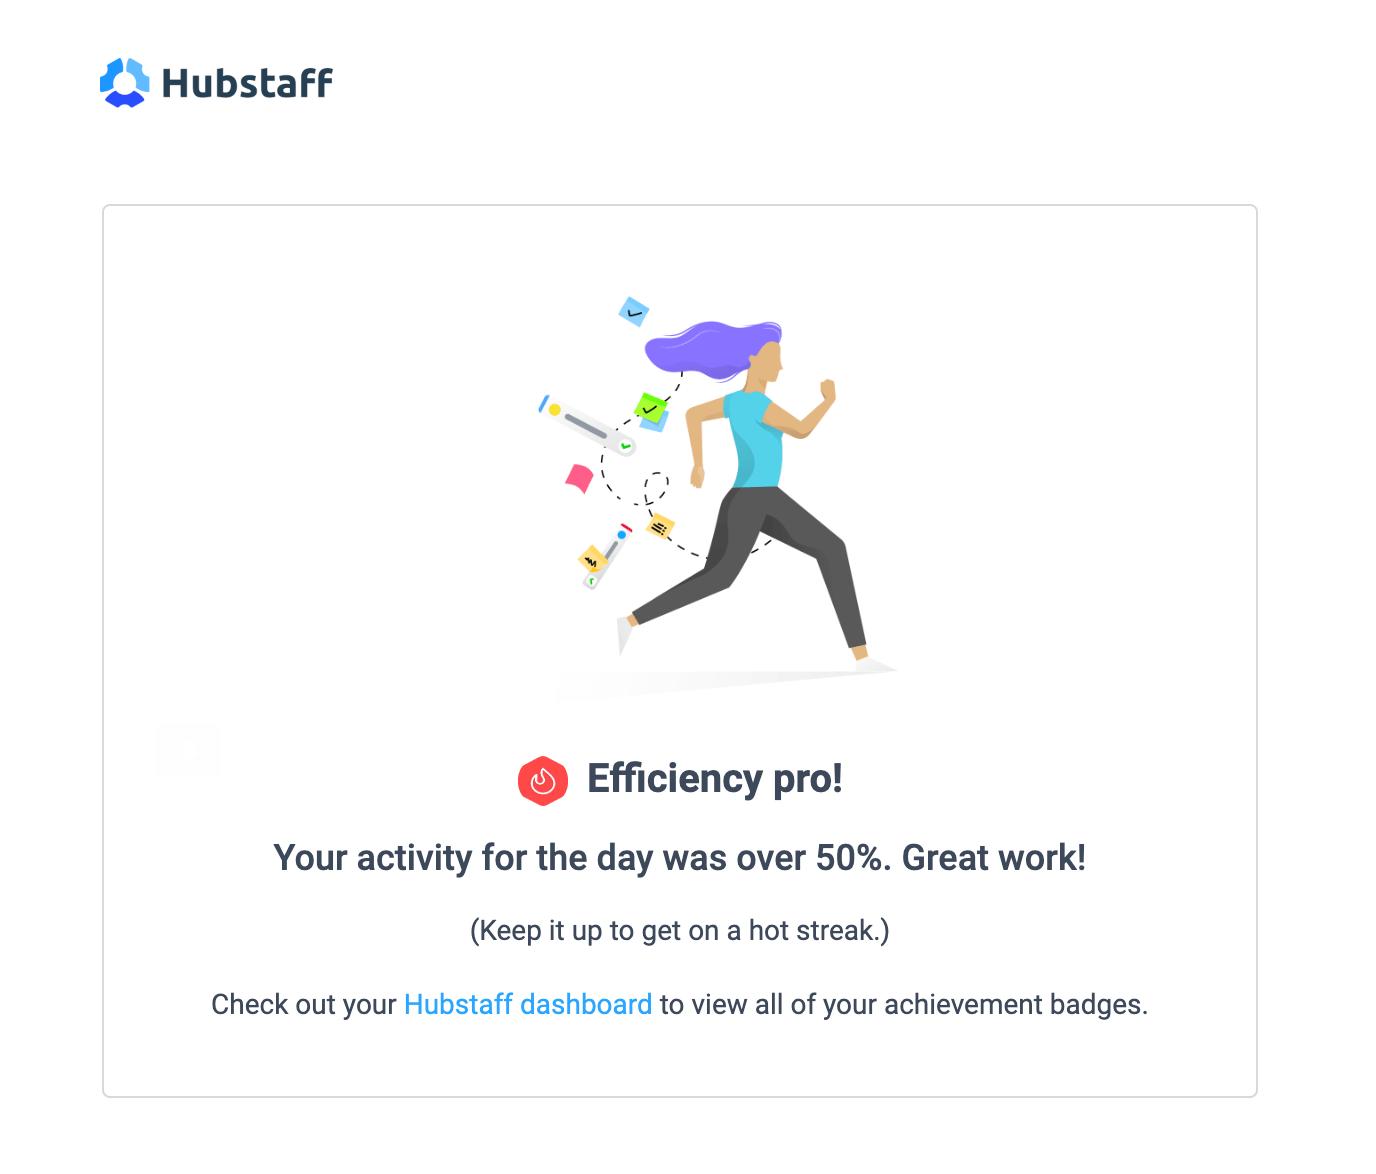 Hubstaff achievement badge